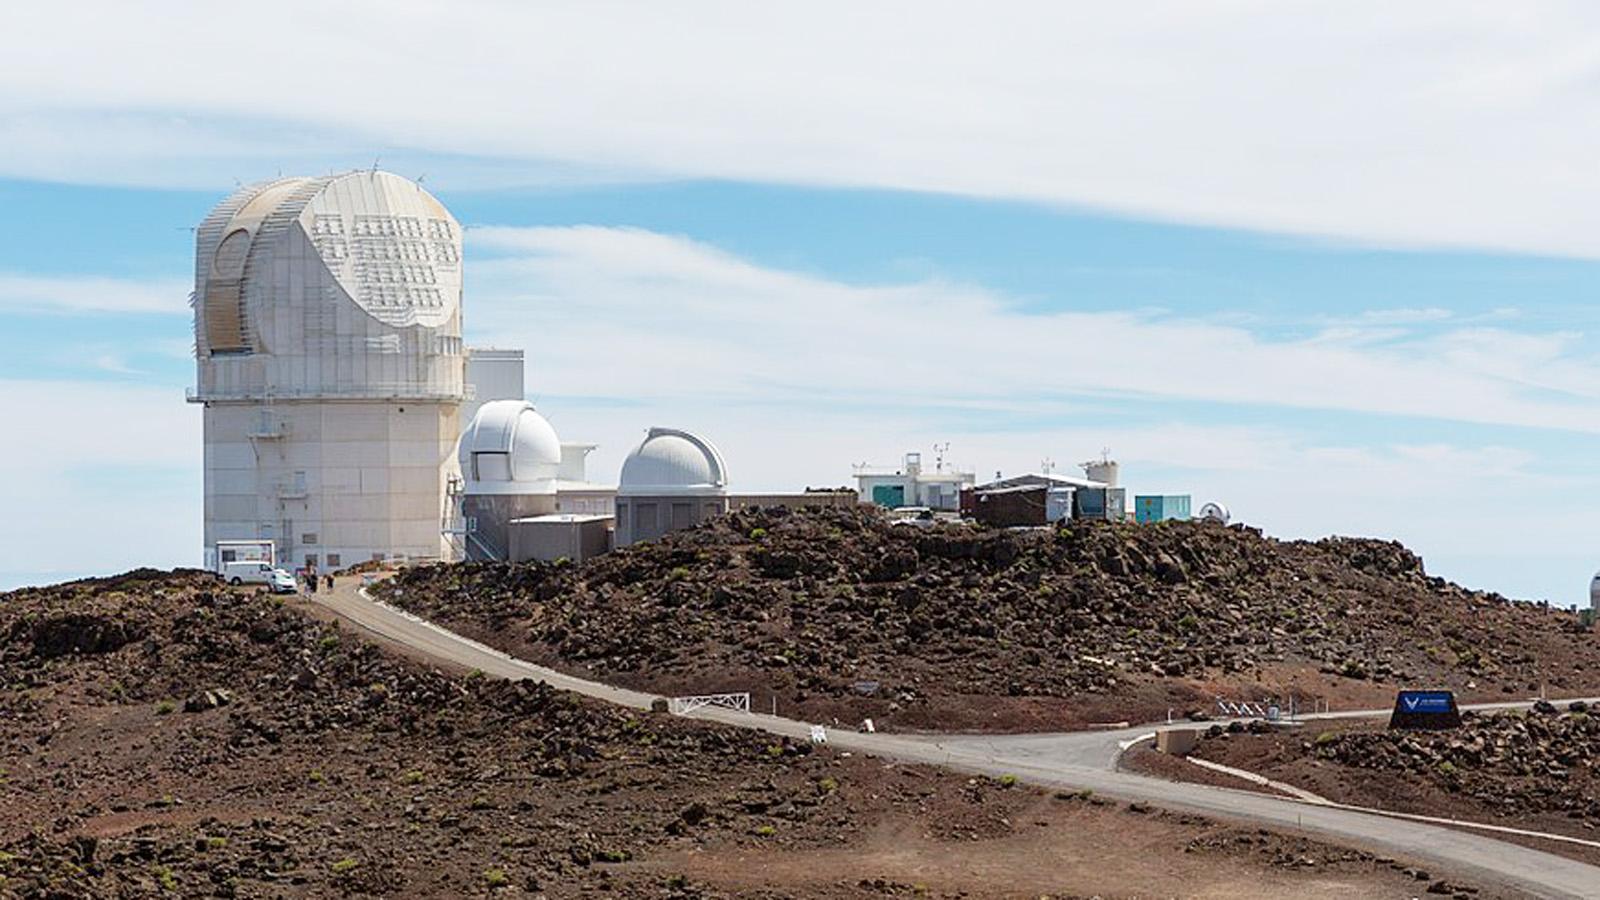 Daniel-K-Inouye-solar-telescope